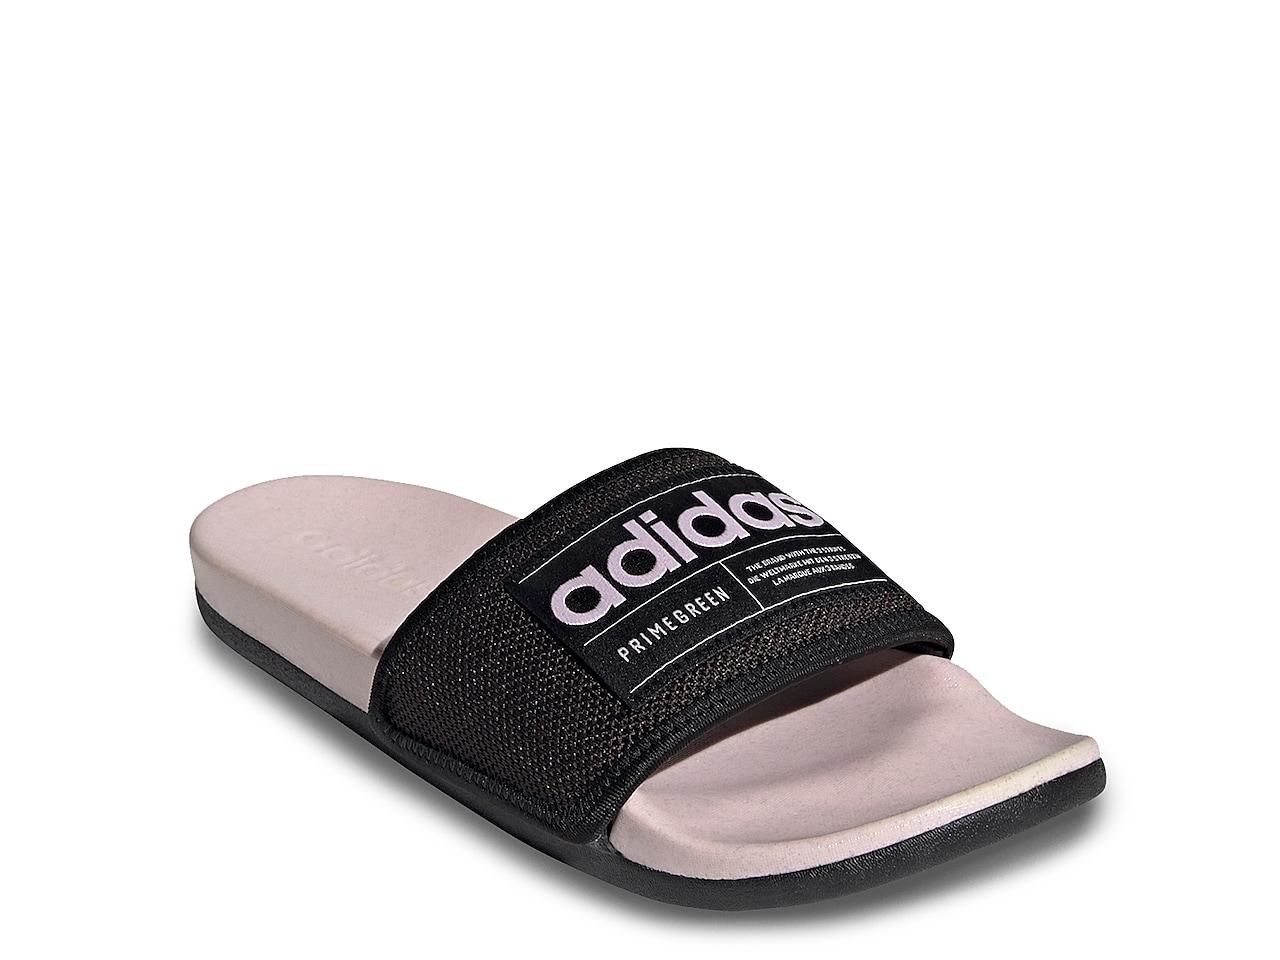 adidas Adilette Comfort Slide Sandal - Women's